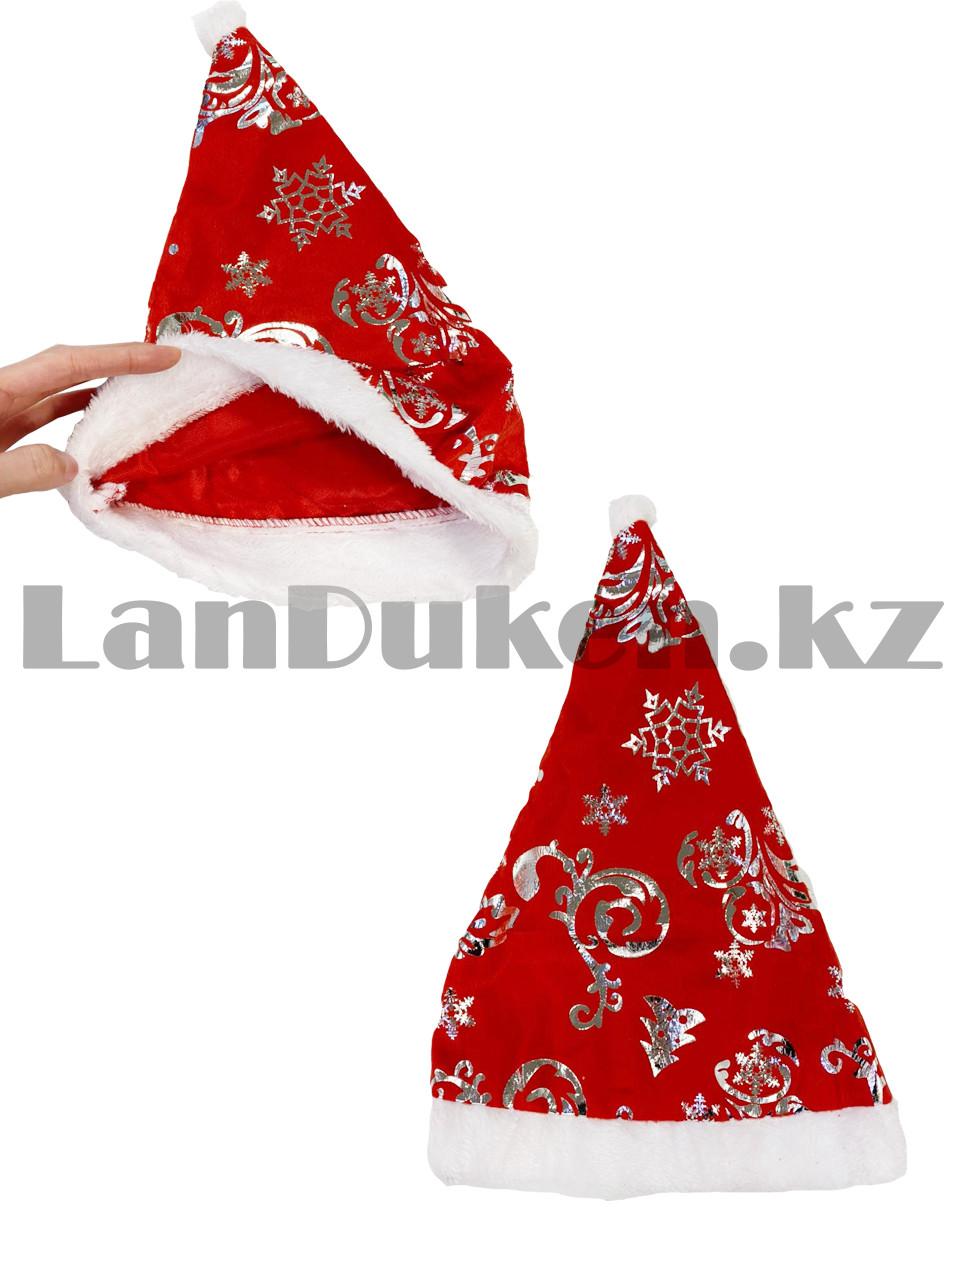 Костюм детский карнавальный раздельный Санты Клауса Santa Claus с узором - фото 5